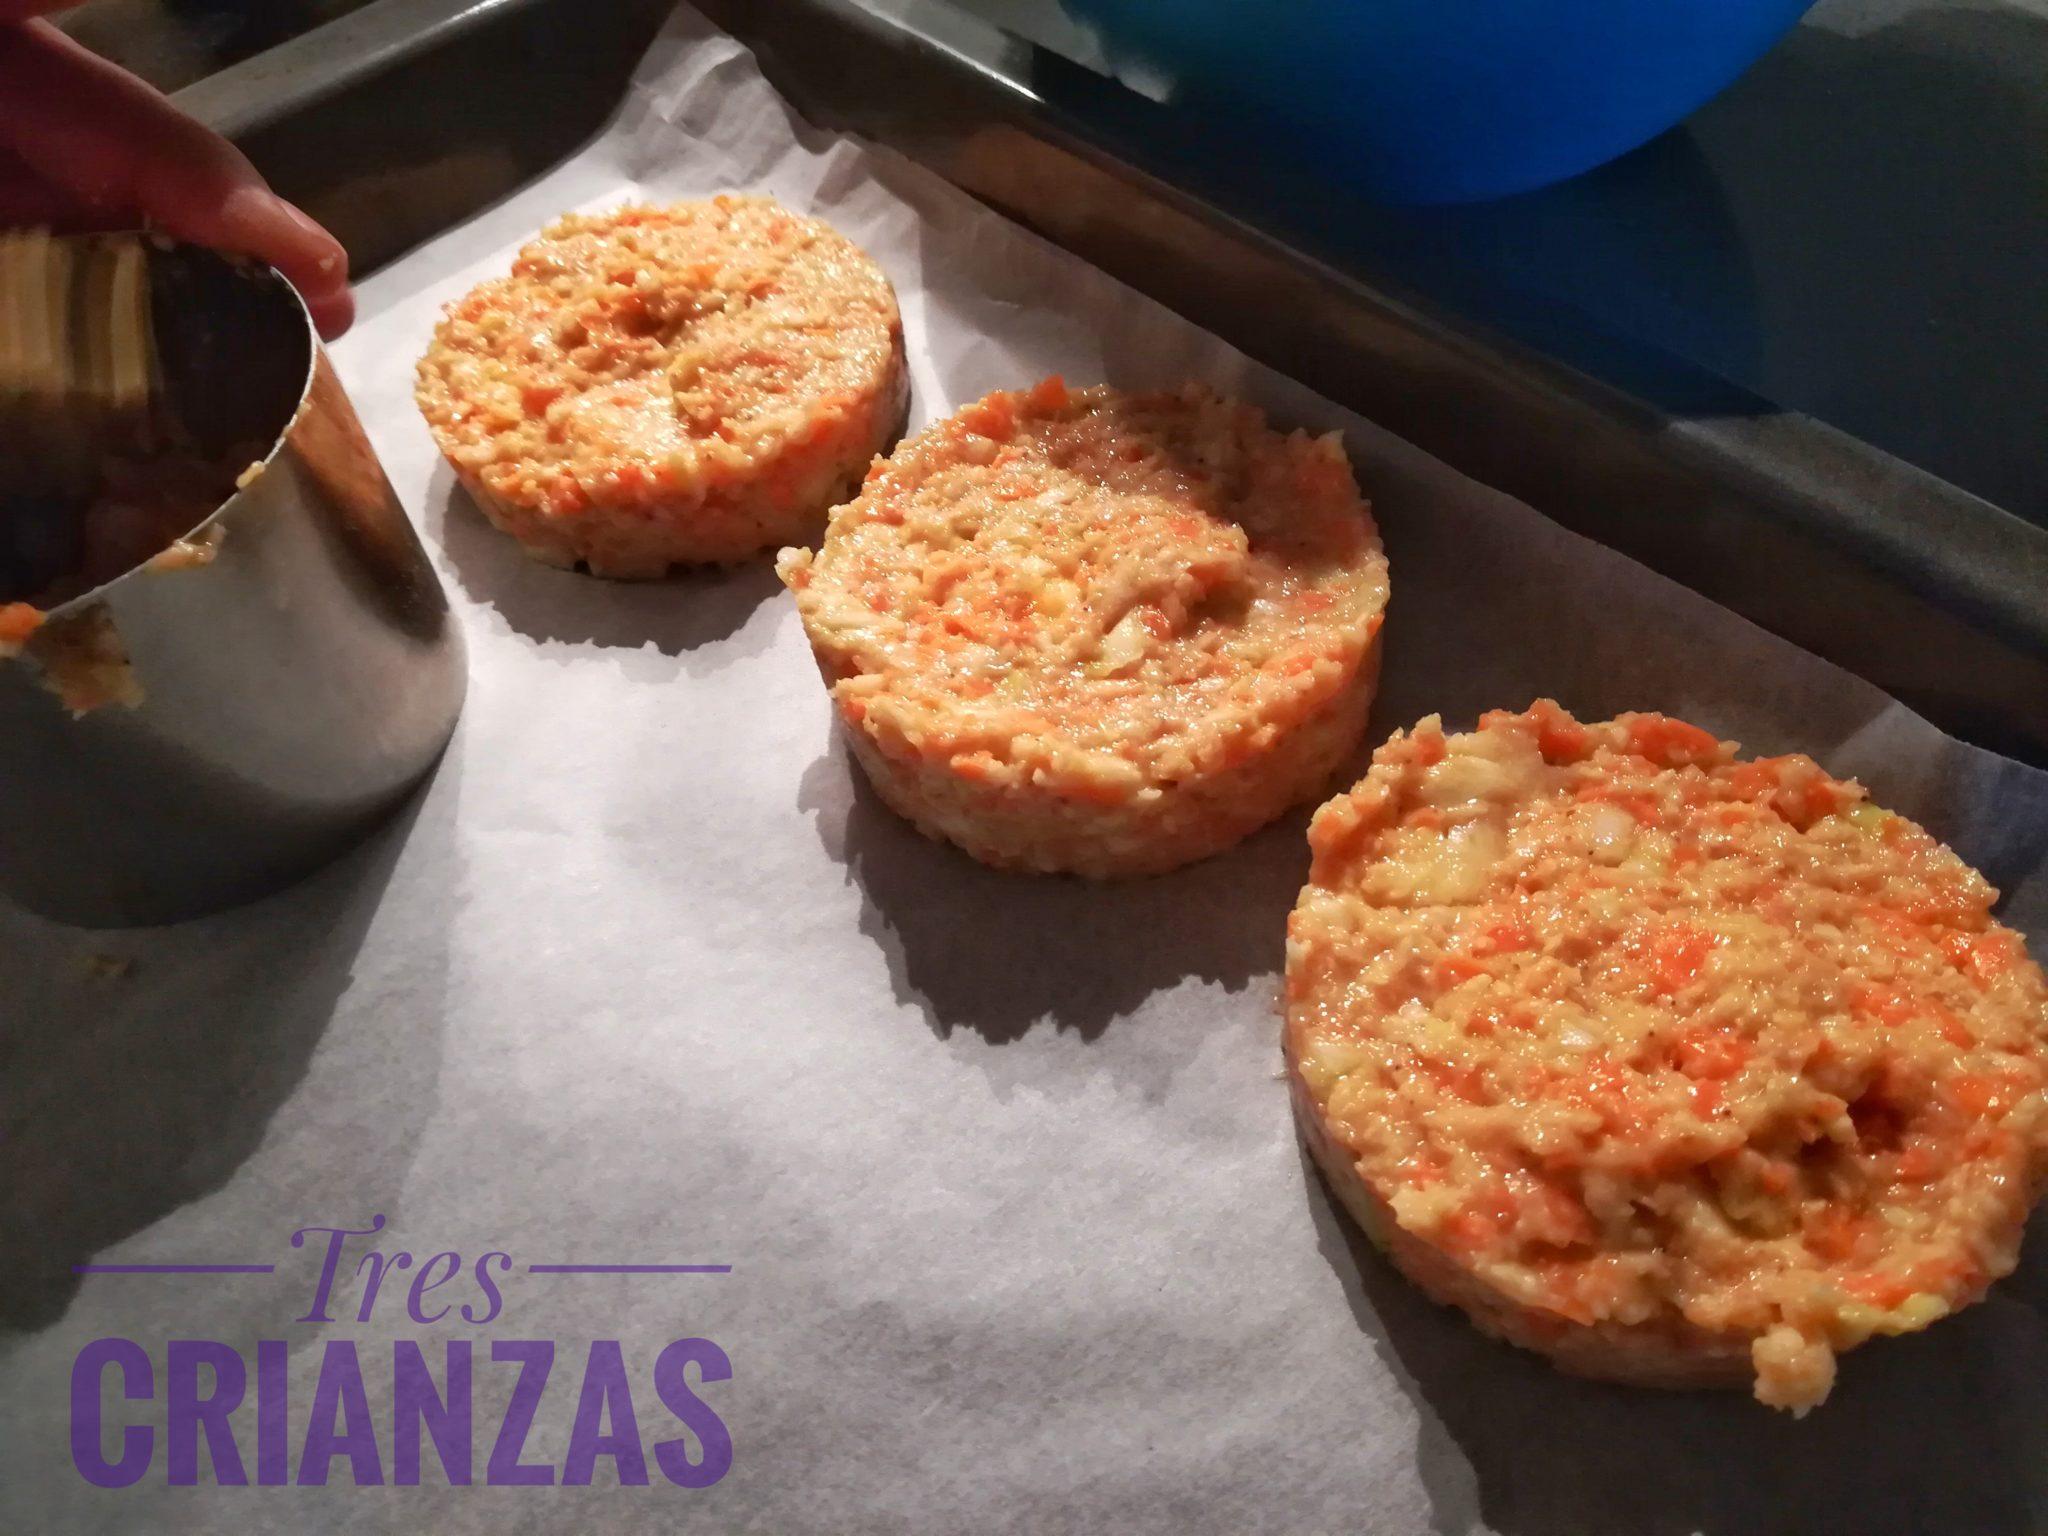 IMG 20170521 204821 01 - Hamburguesas de calabacín y zanahoria